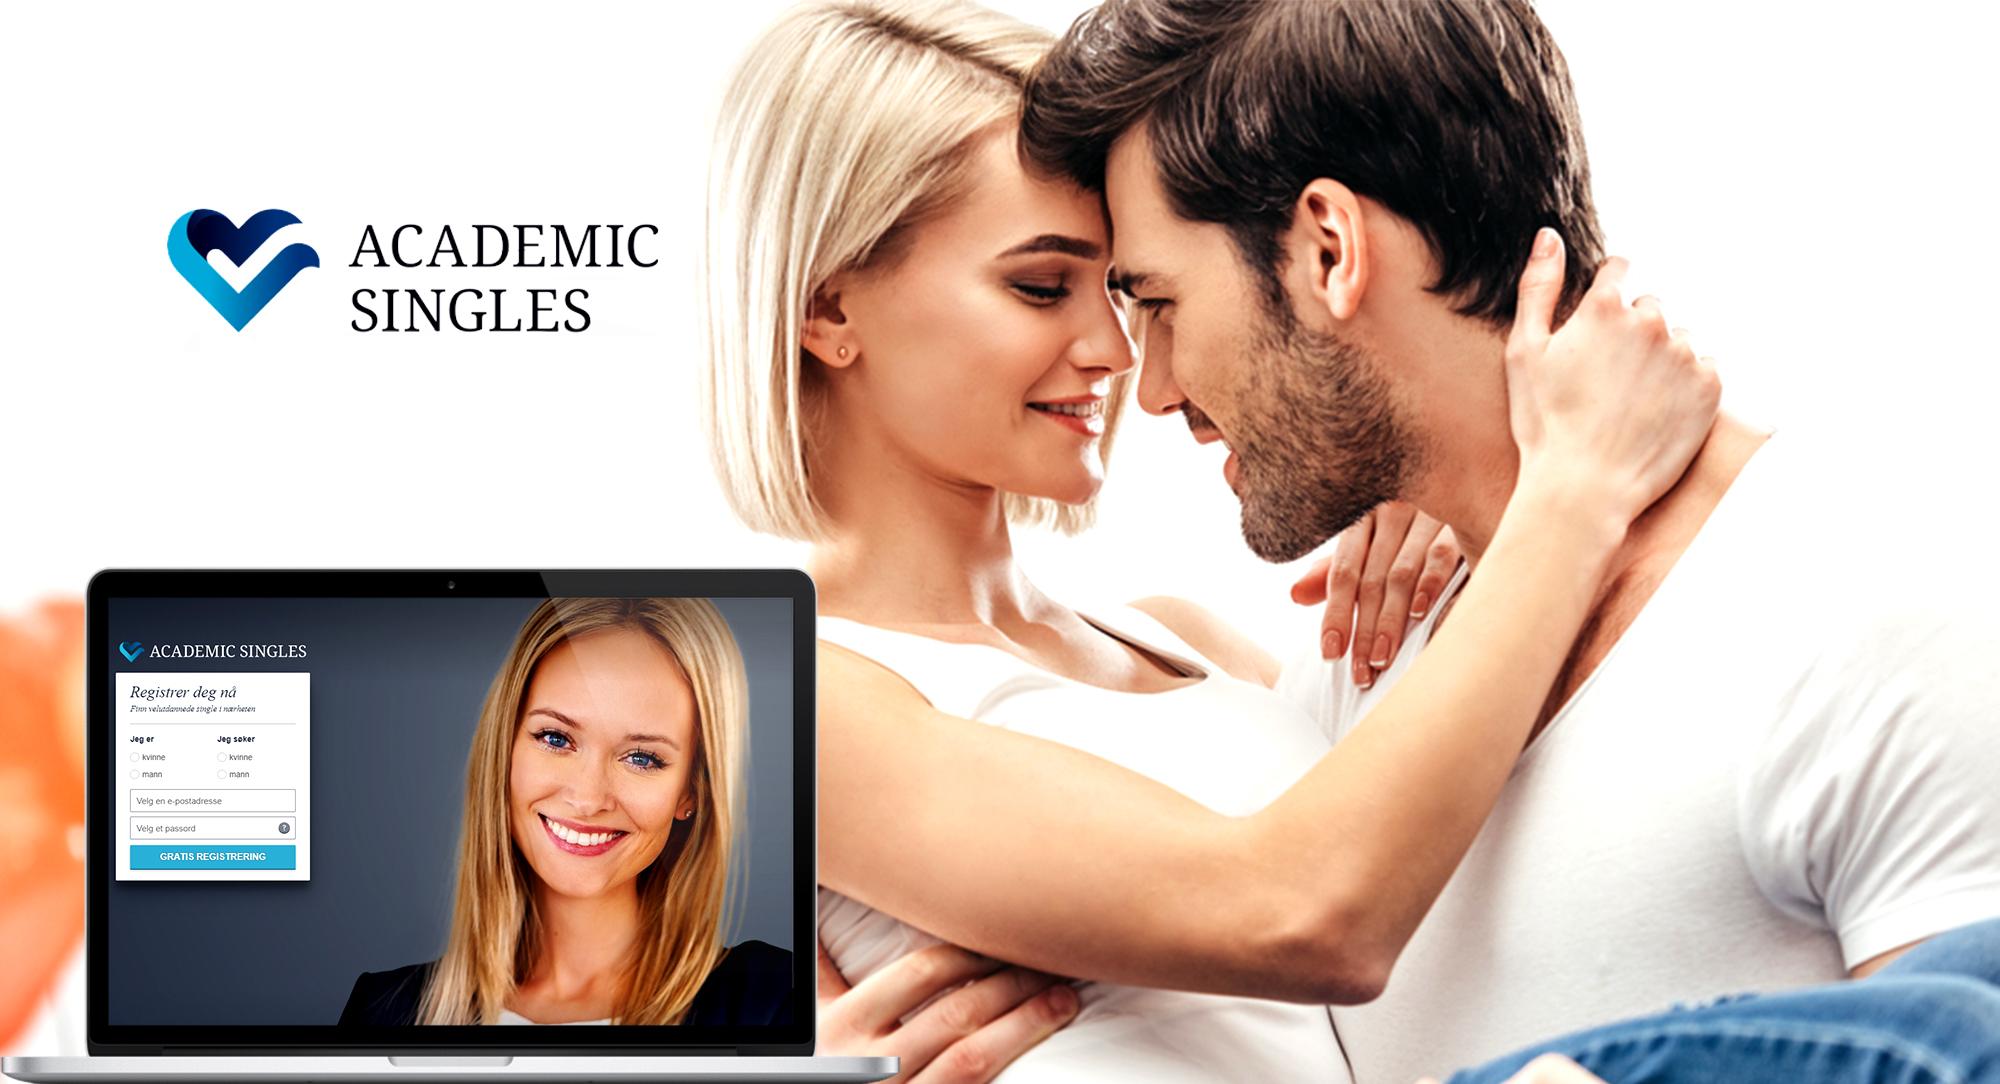 kinky kvinner søker uforpliktende dating i levanger